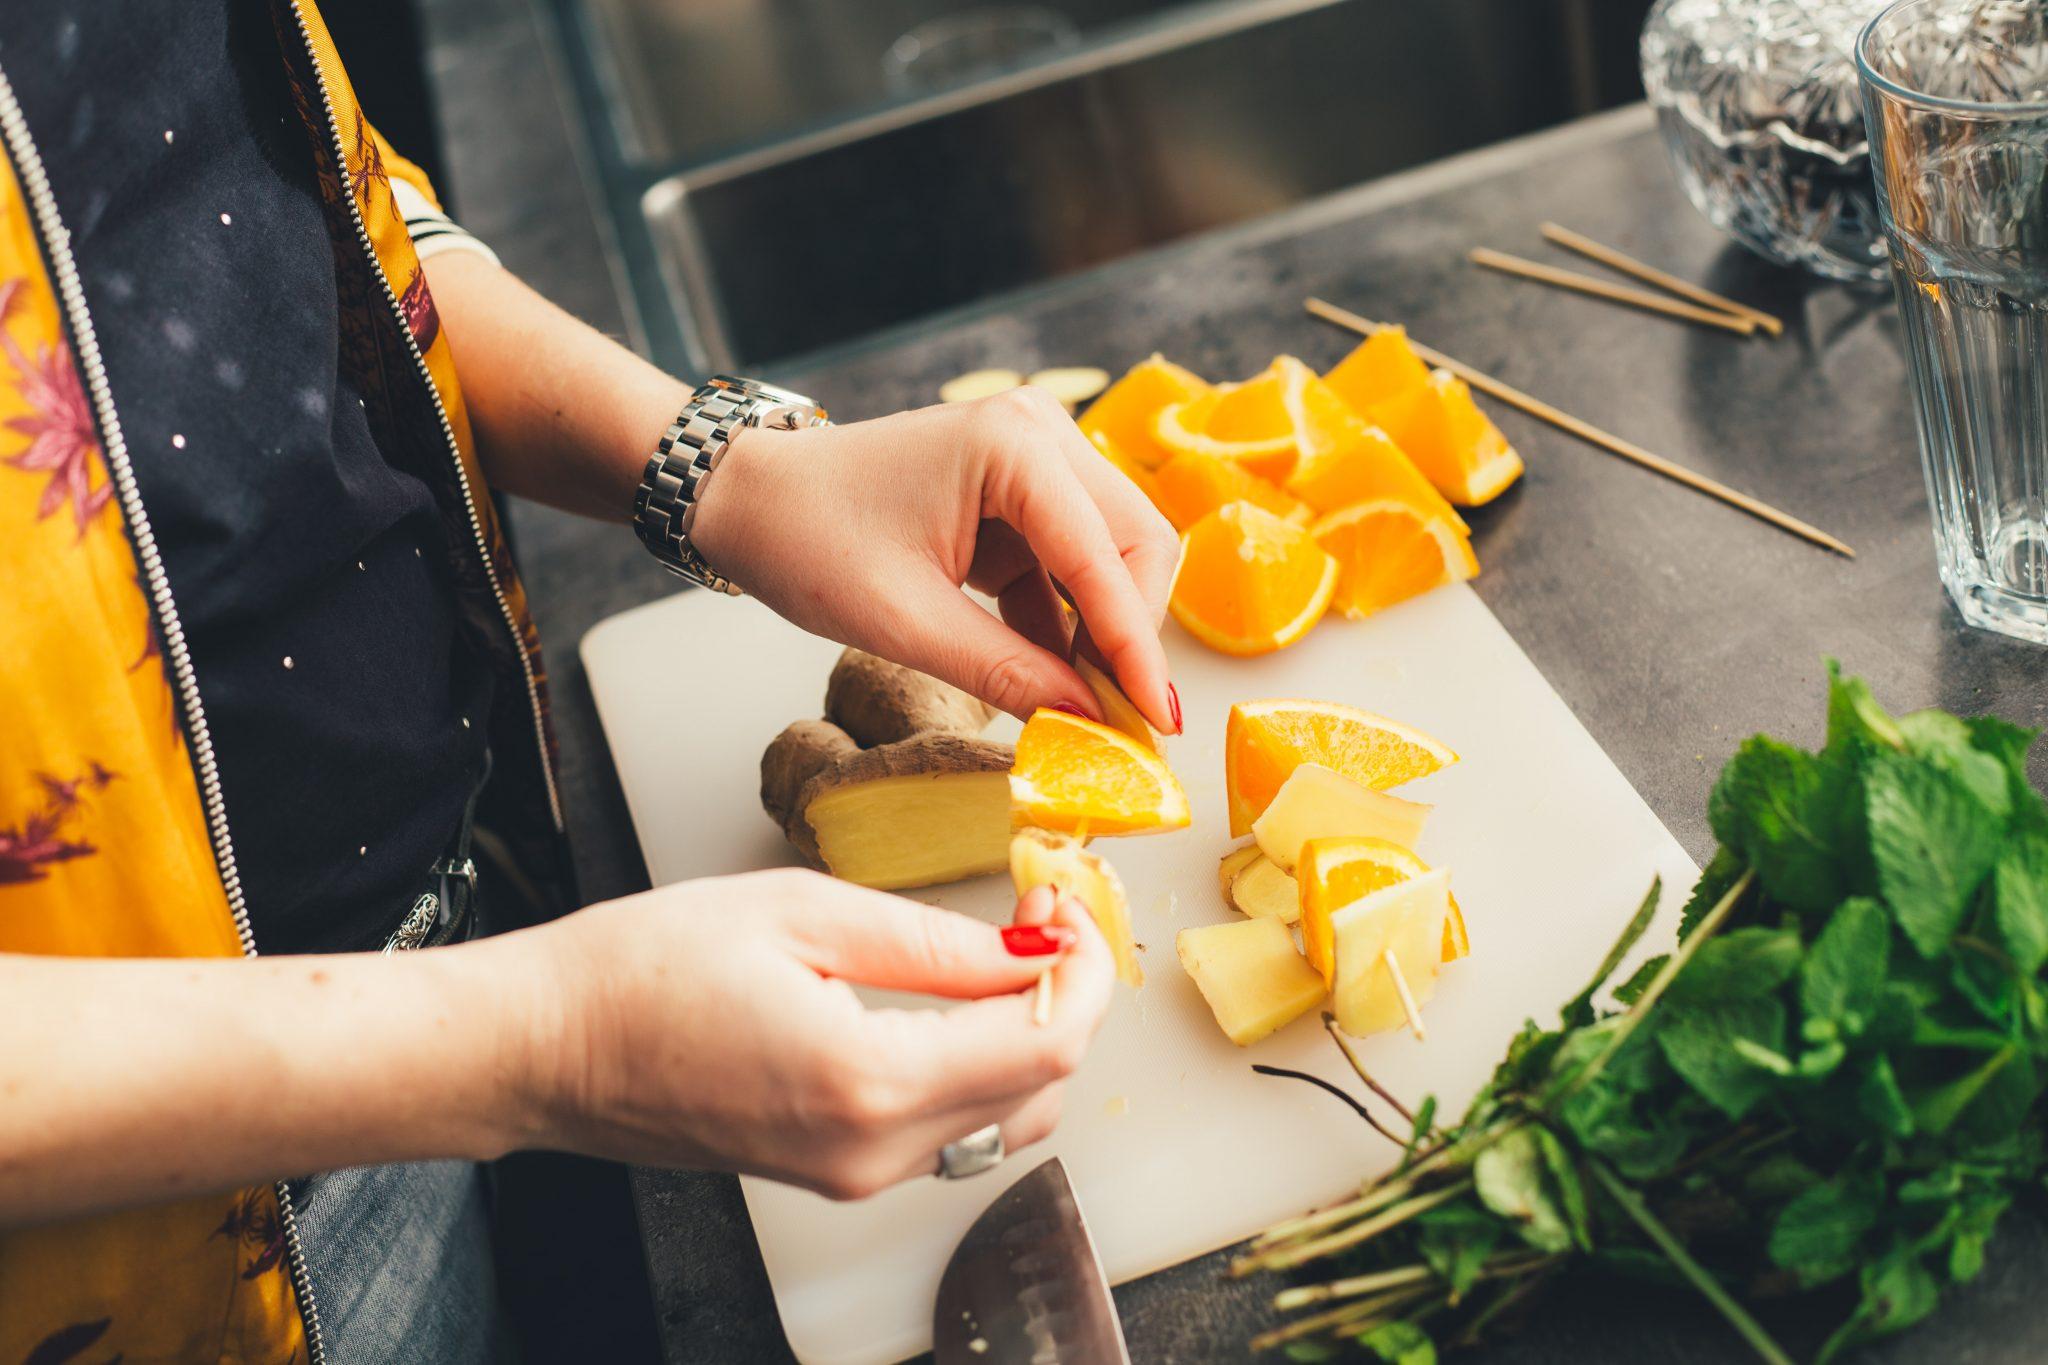 Food fotografie voor gerechten